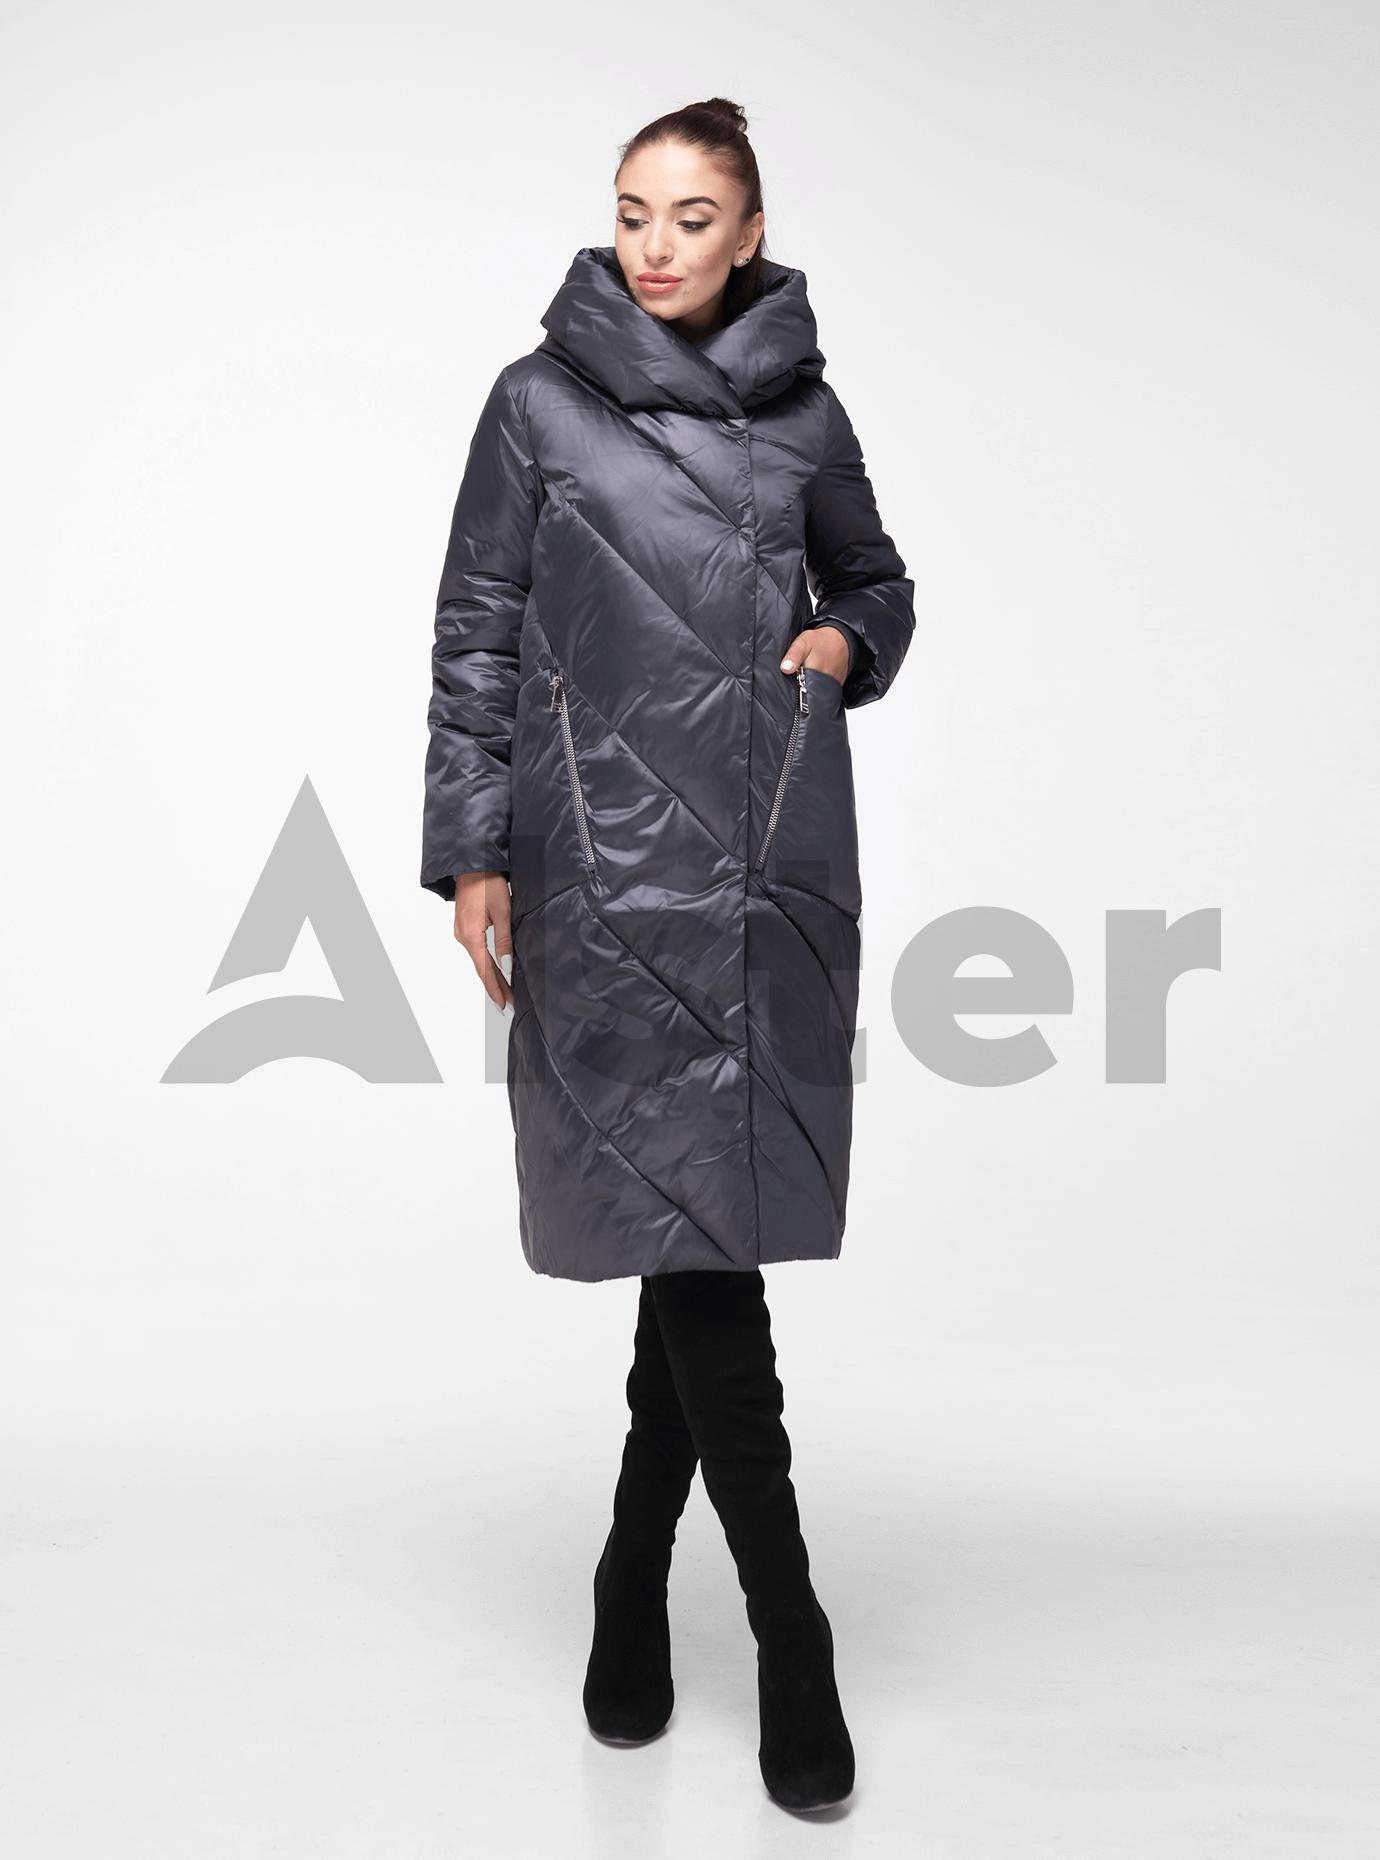 Куртка зимняя с капюшоном Графитовый 50 (02-BF19041): фото - Alster.ua